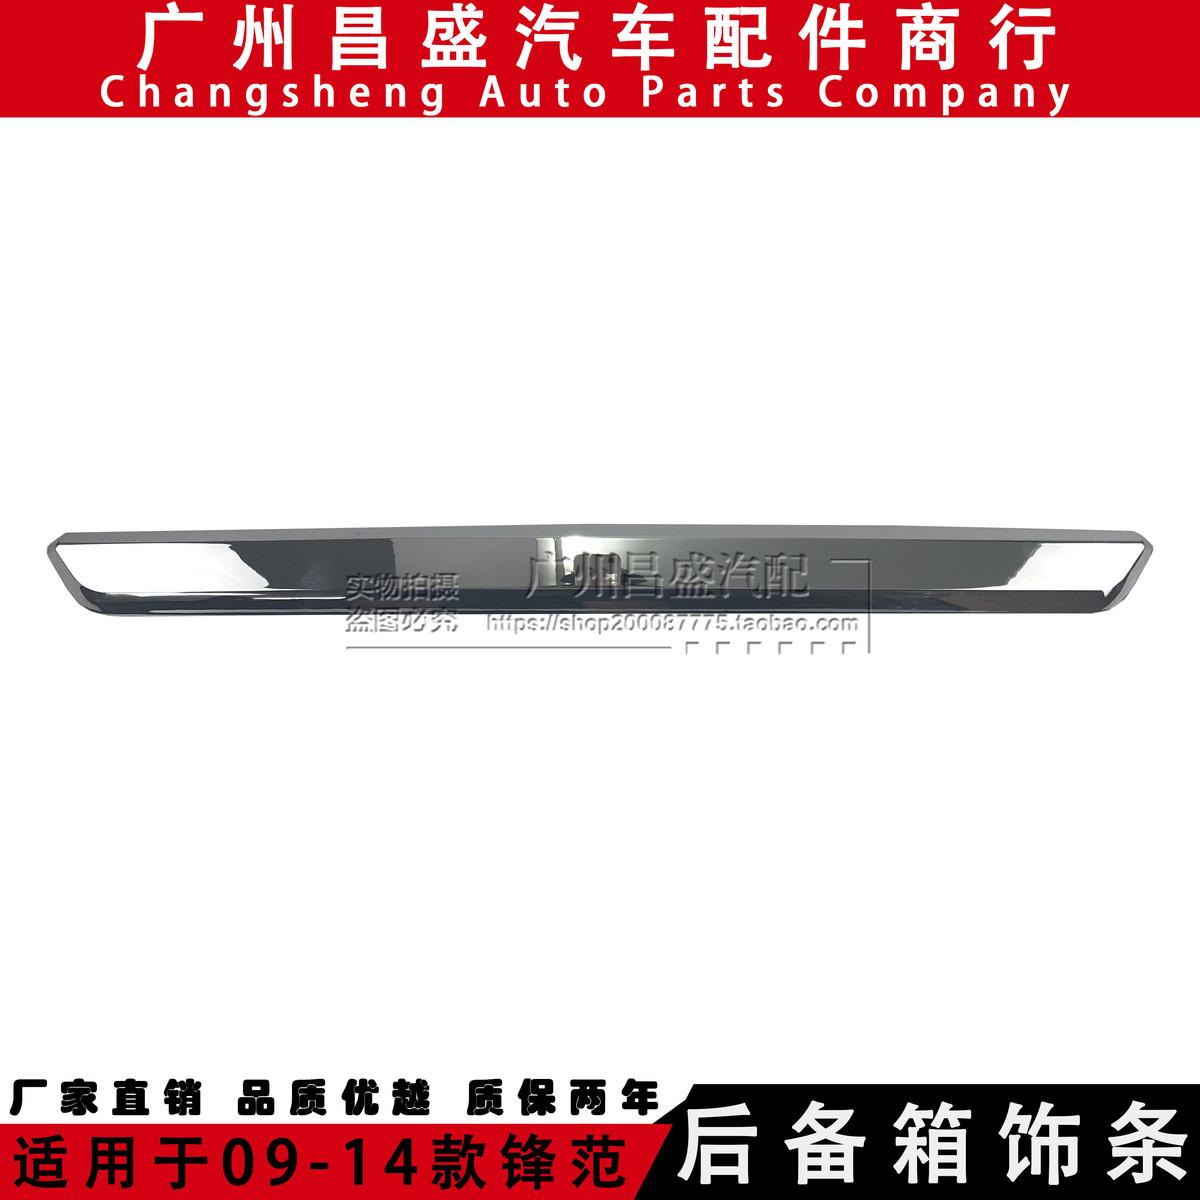 루프박스 09 10 12 13 14스타일 시티 트렁크 장식소품 샤프닝 라인